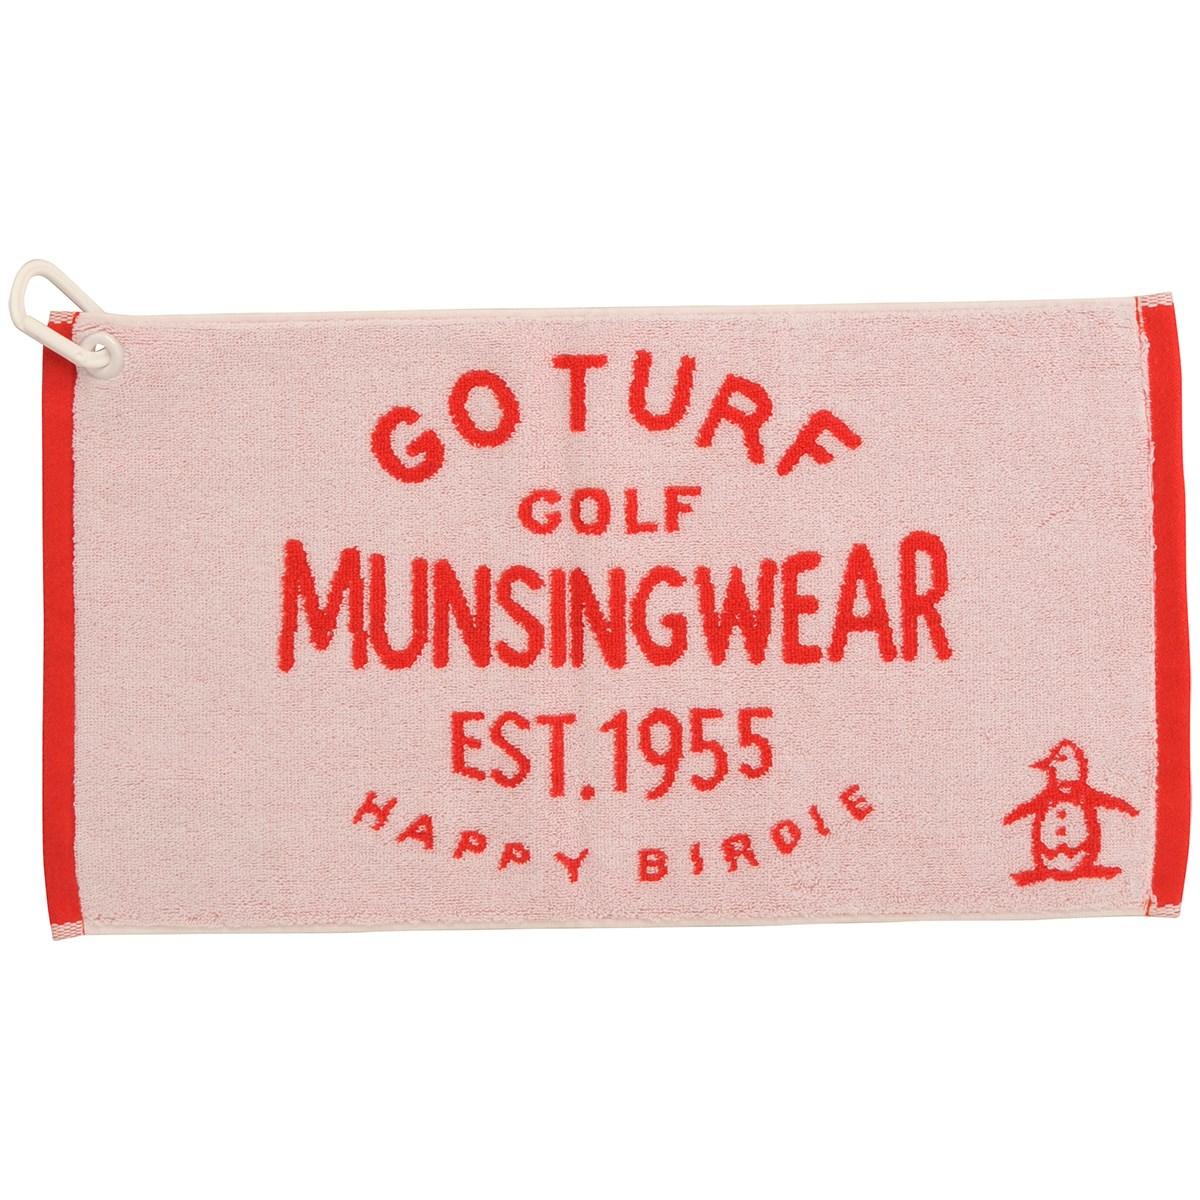 マンシングウェア Munsingwear ゴルフタオル ホワイト 00